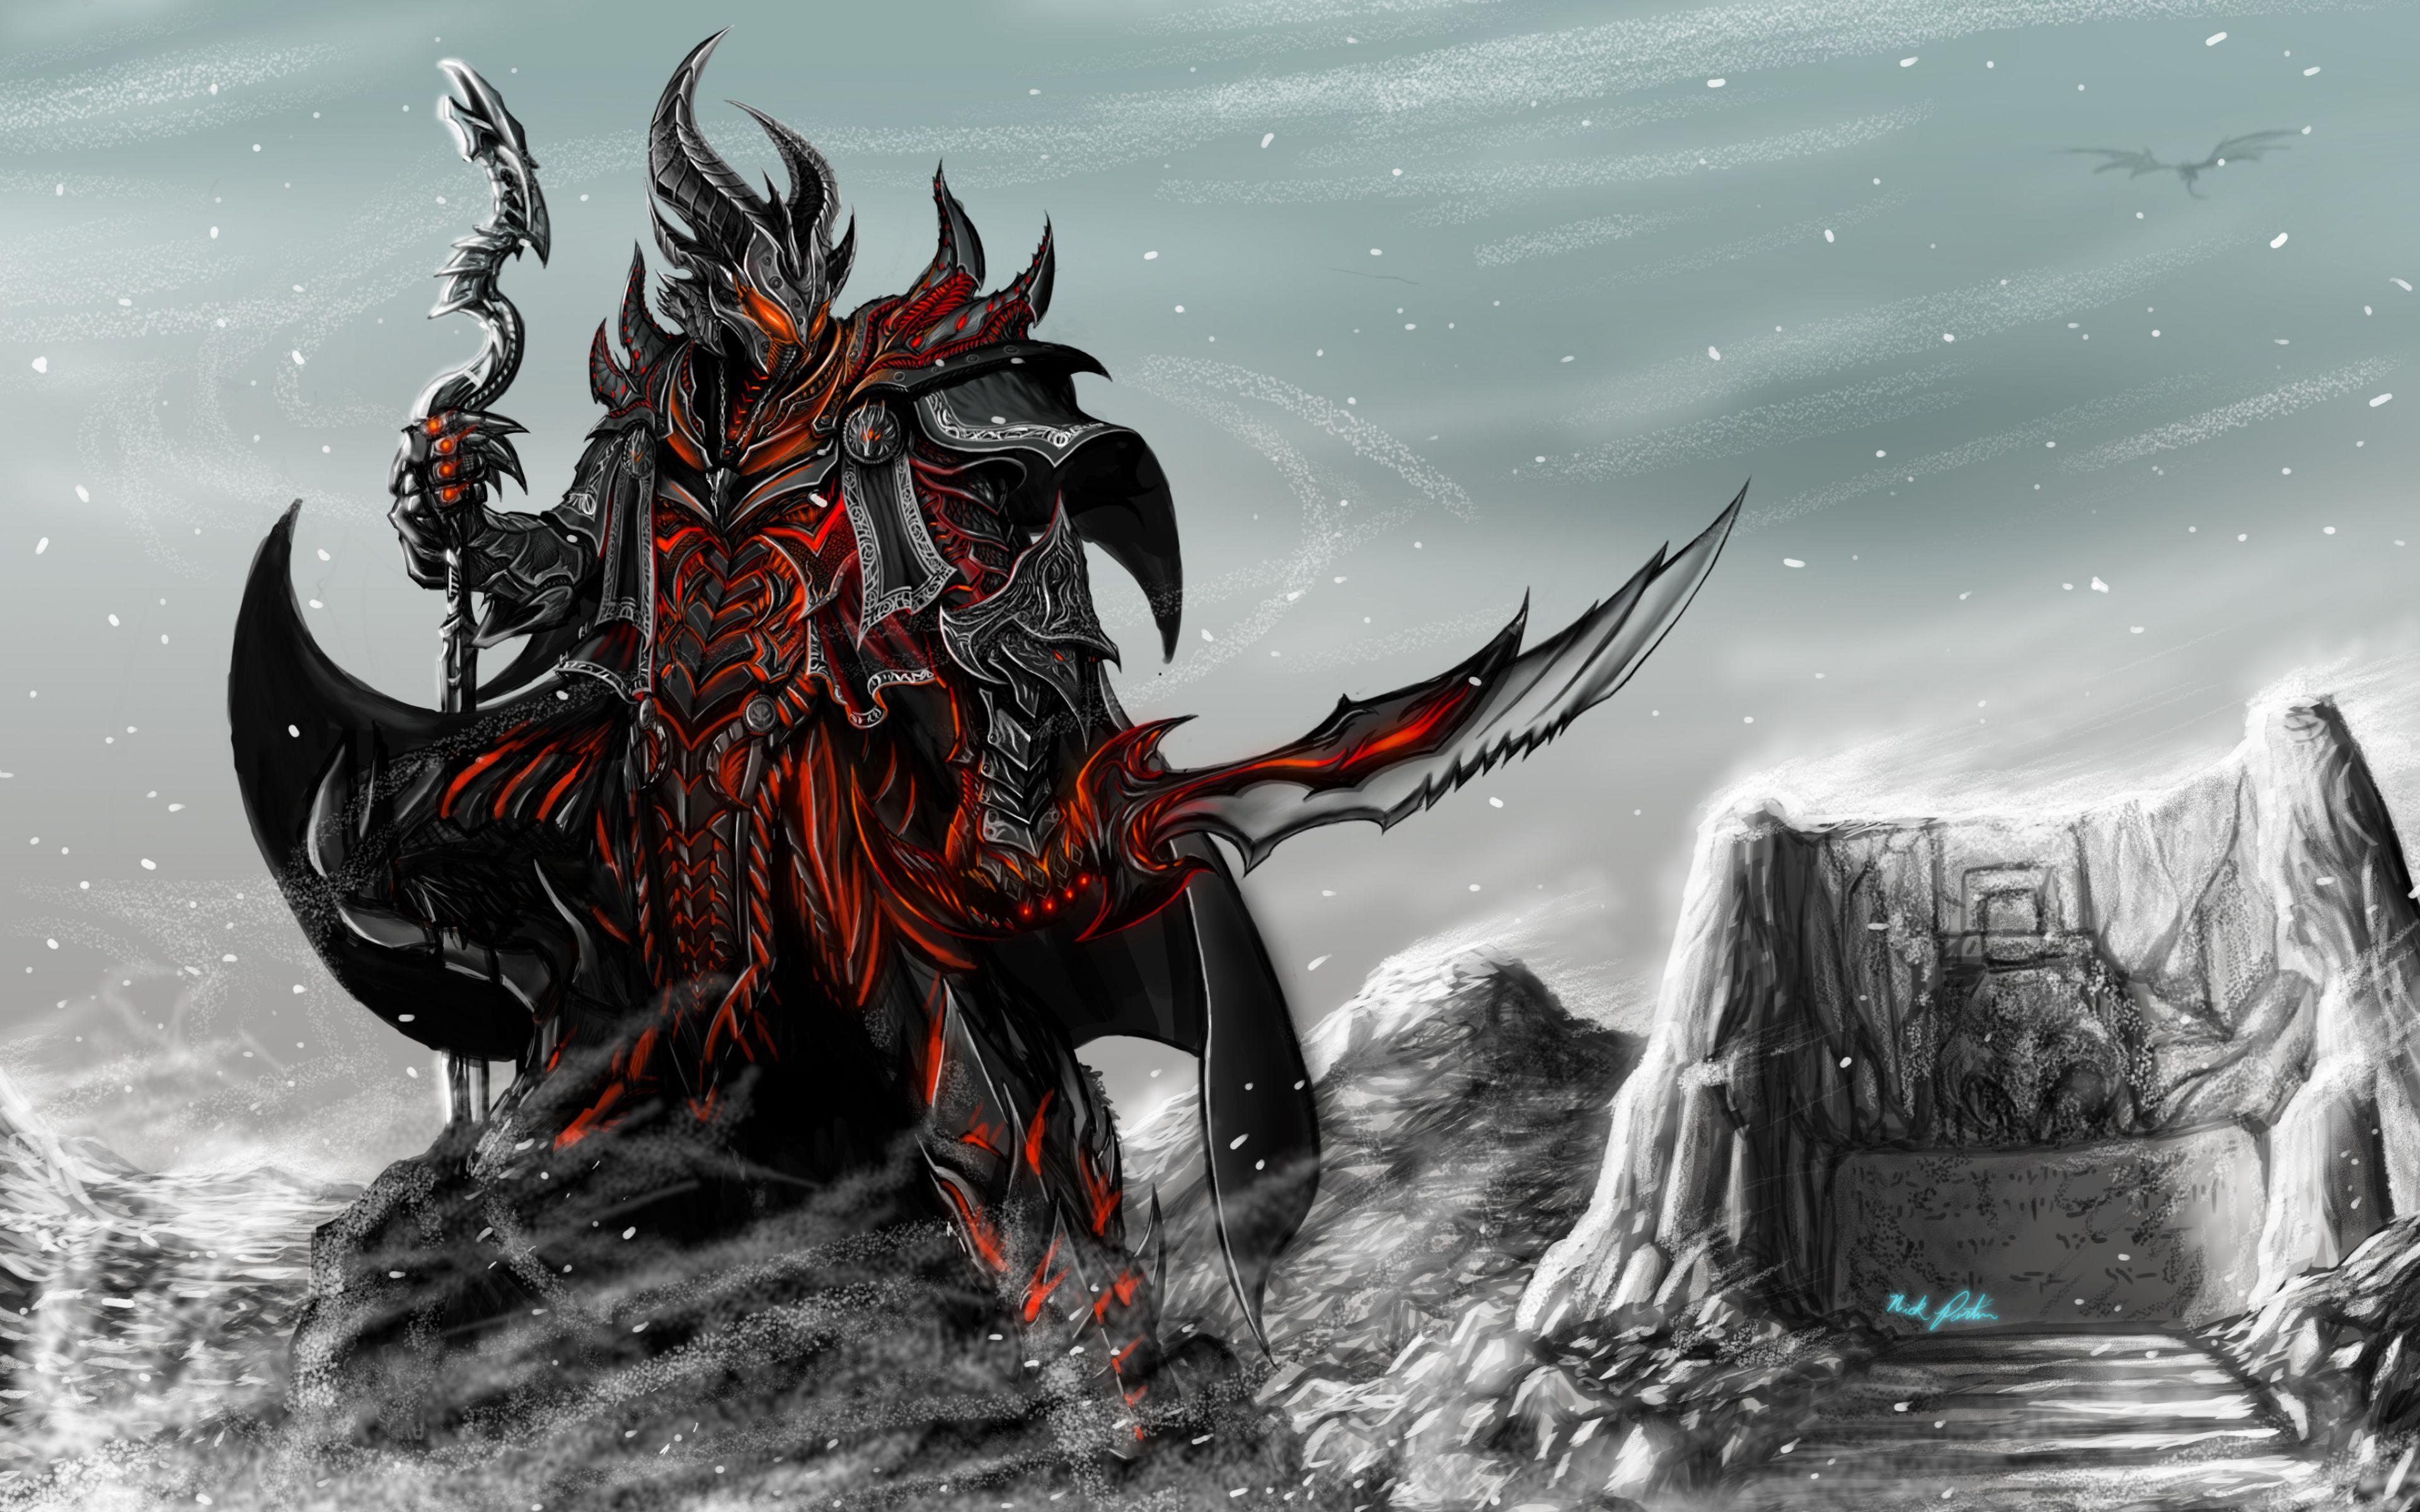 Ultra Hd K Skyrim Wallpapers Hd Desktop Backgrounds X Cavaleiro